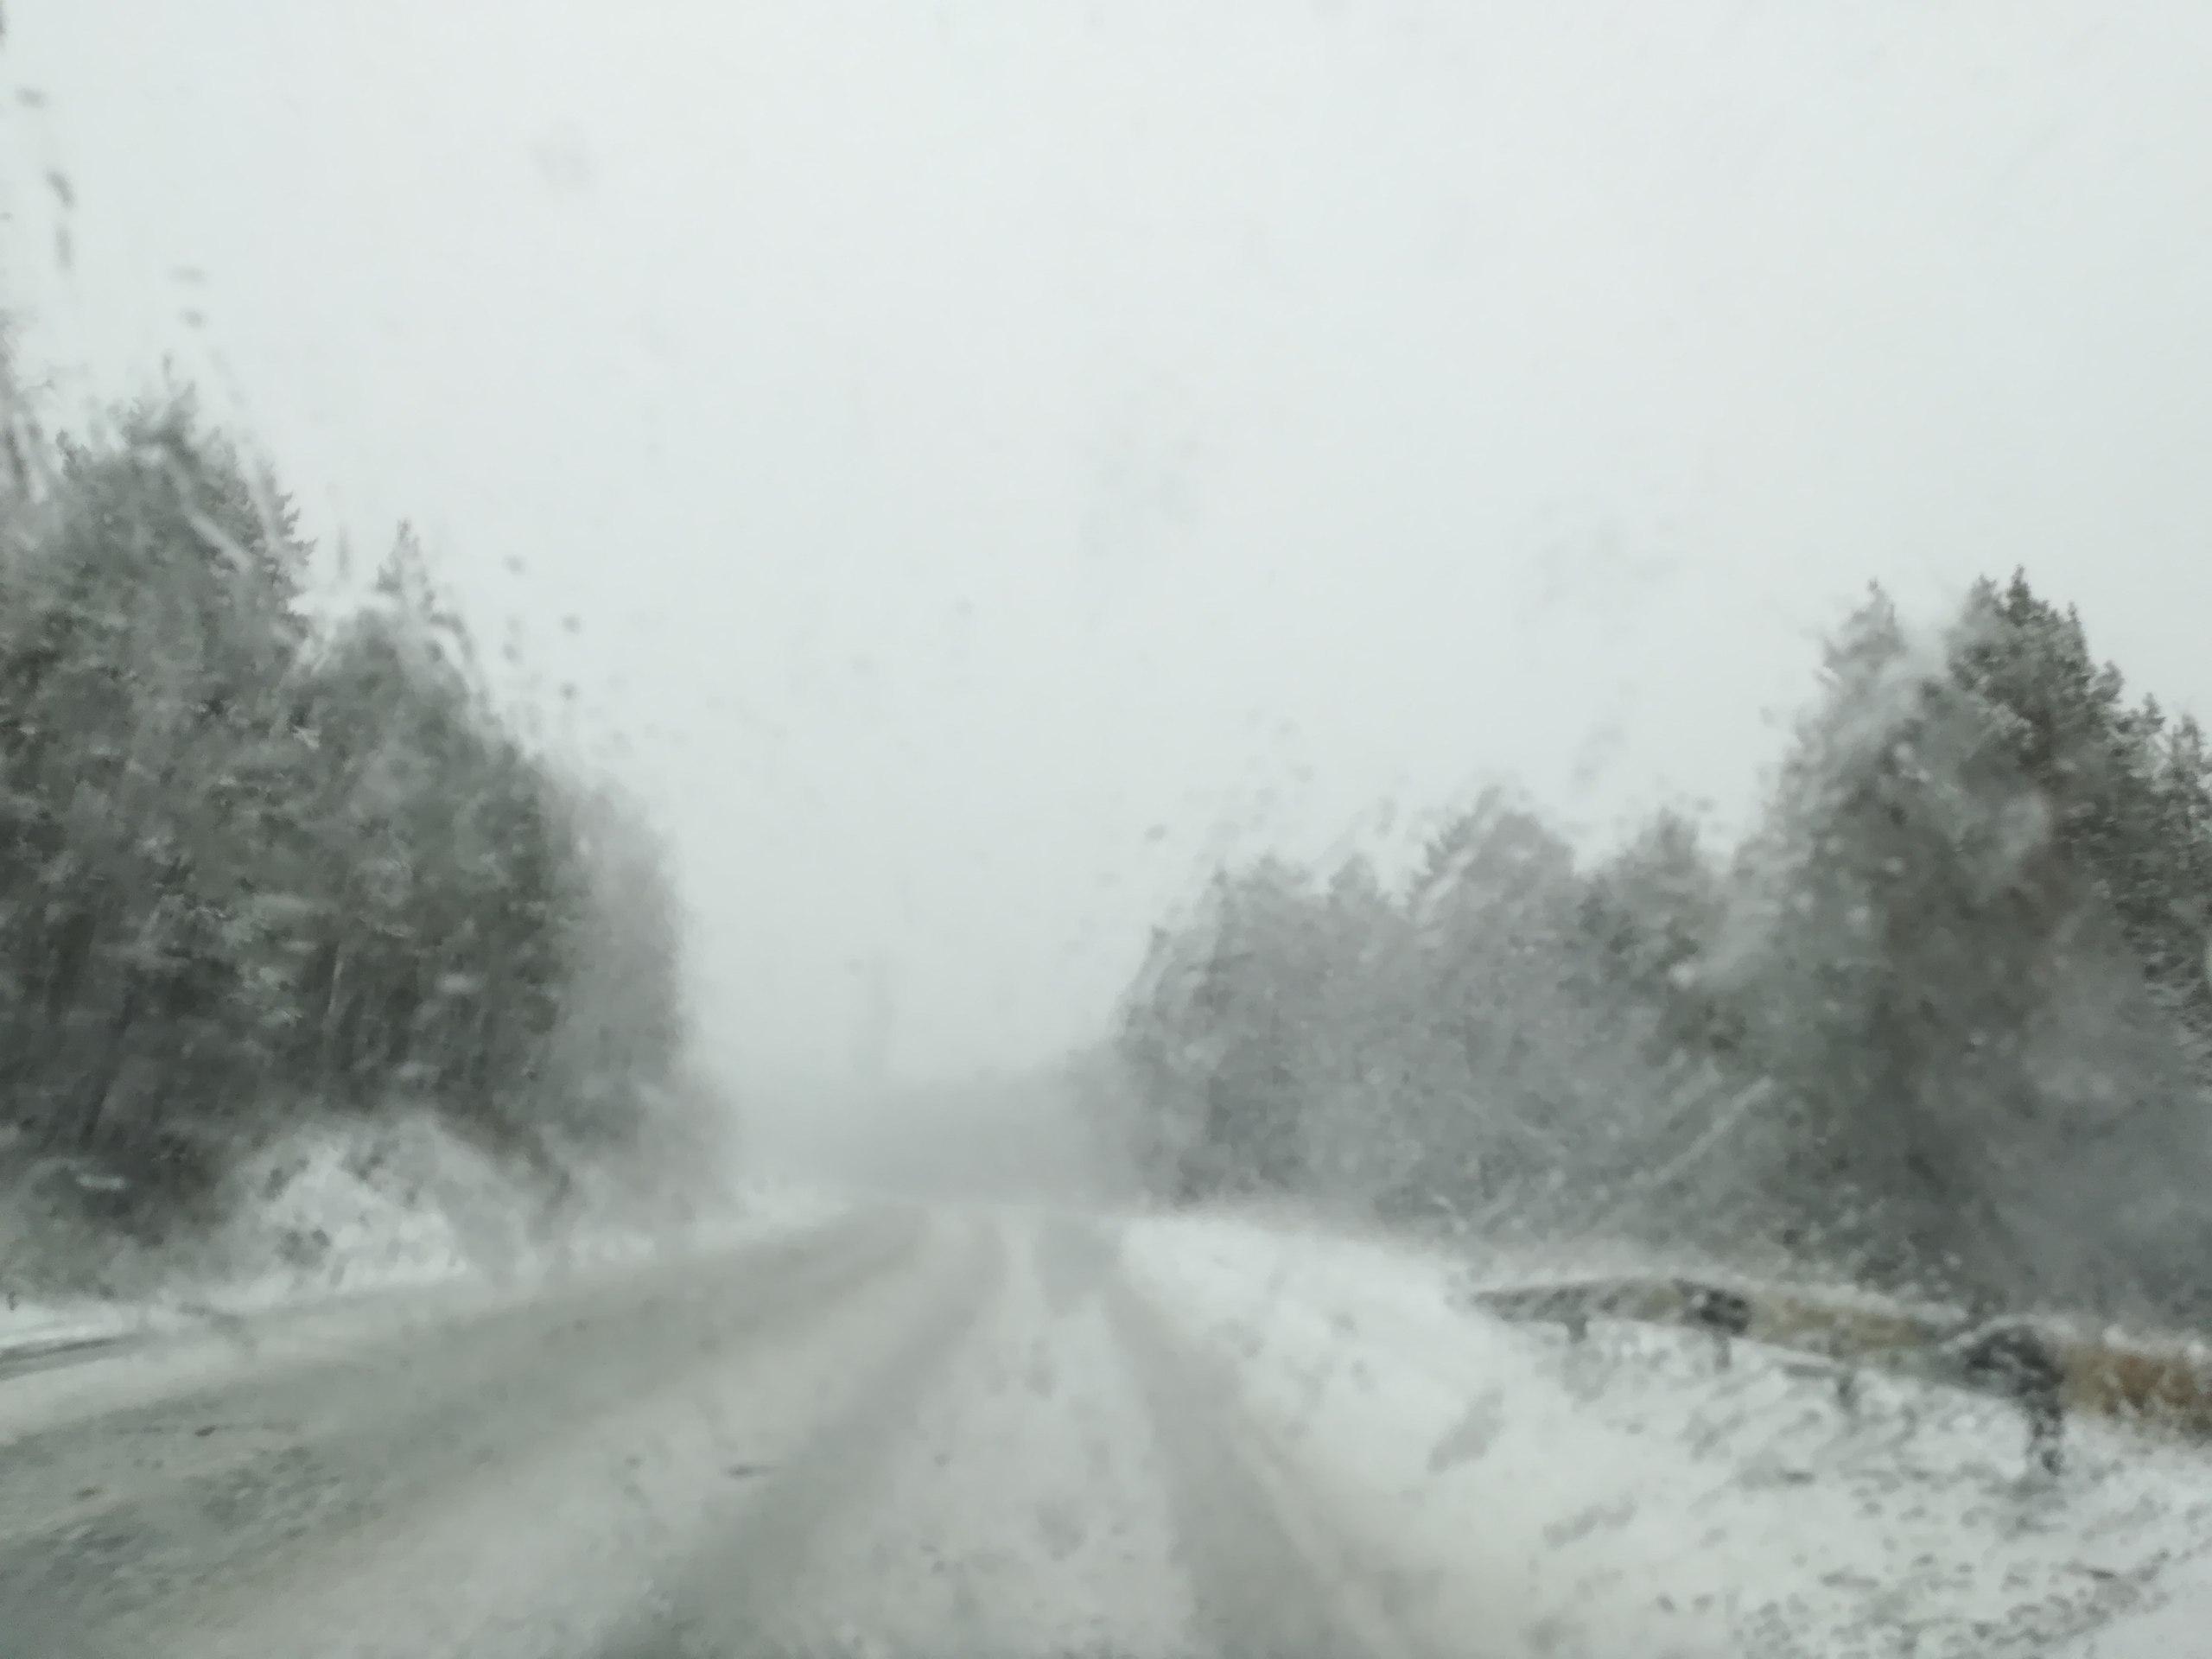 ДТП и снег привели к заторам на М-5 Дорожно-транспортное происшествие и выпавший снег прив